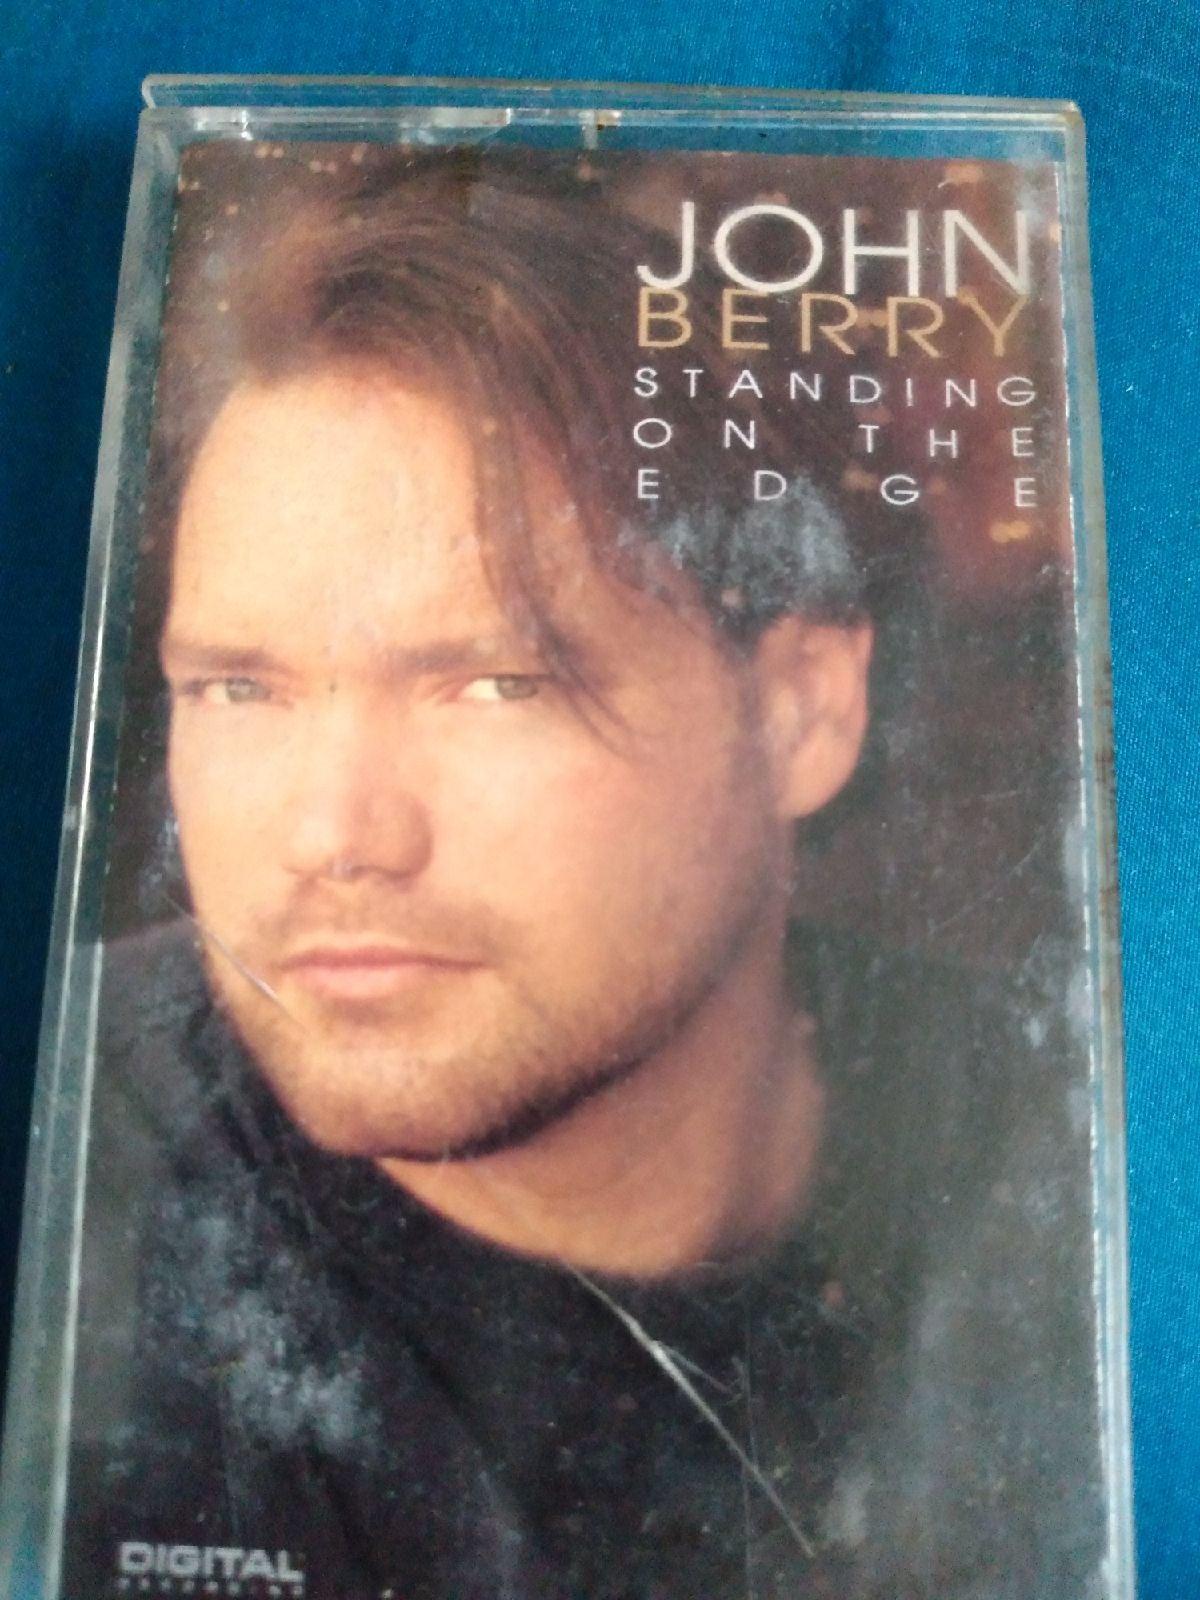 John Berry cassette tape